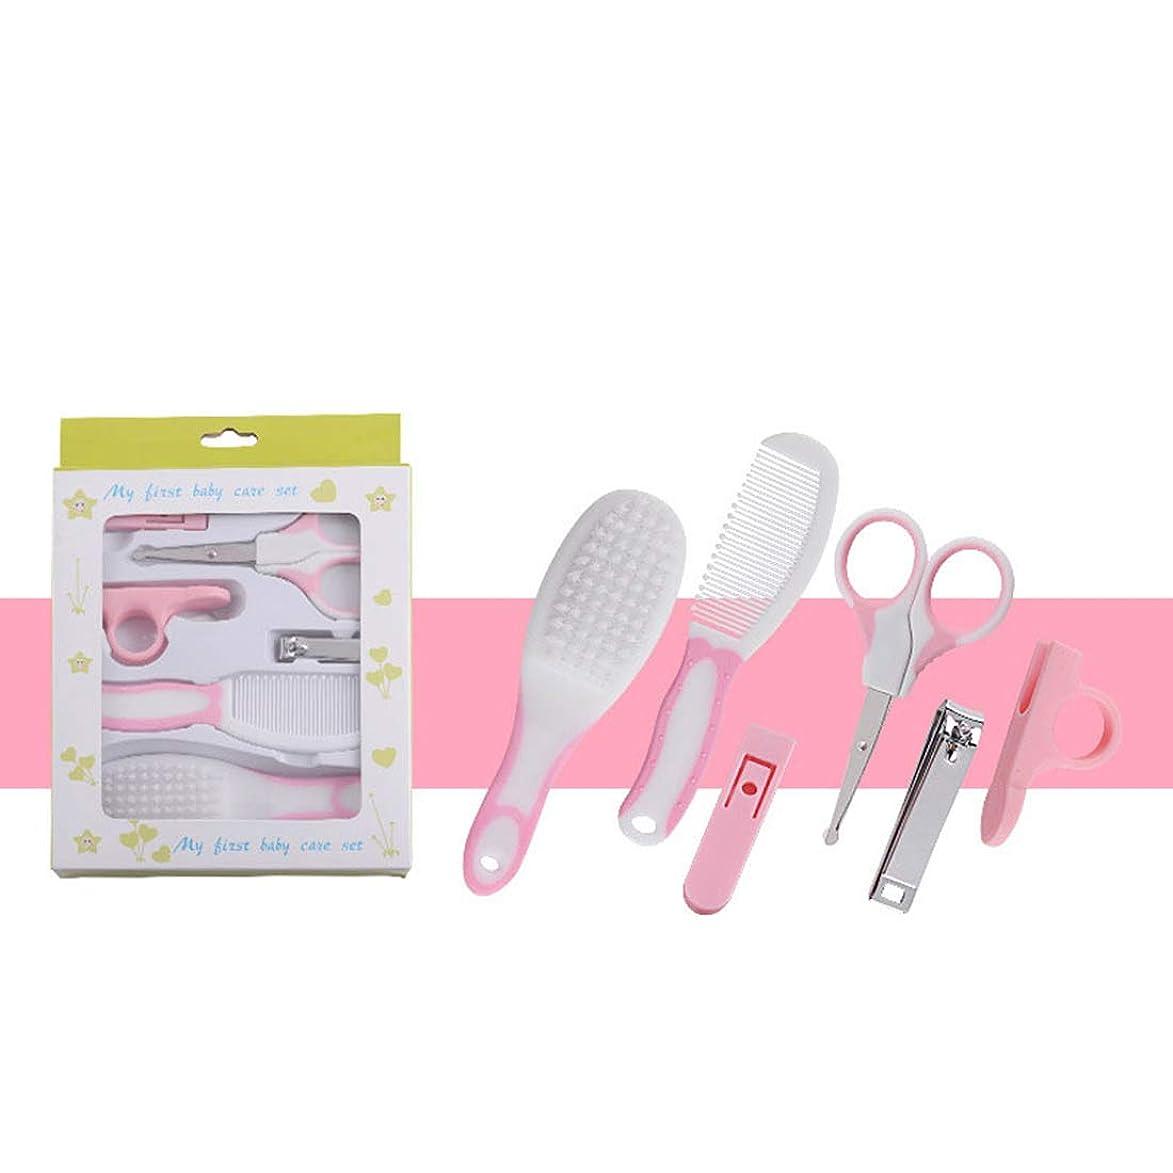 ベビーケアセットベビーコームブラシセット母体と子供用品 (色 : Pink set)